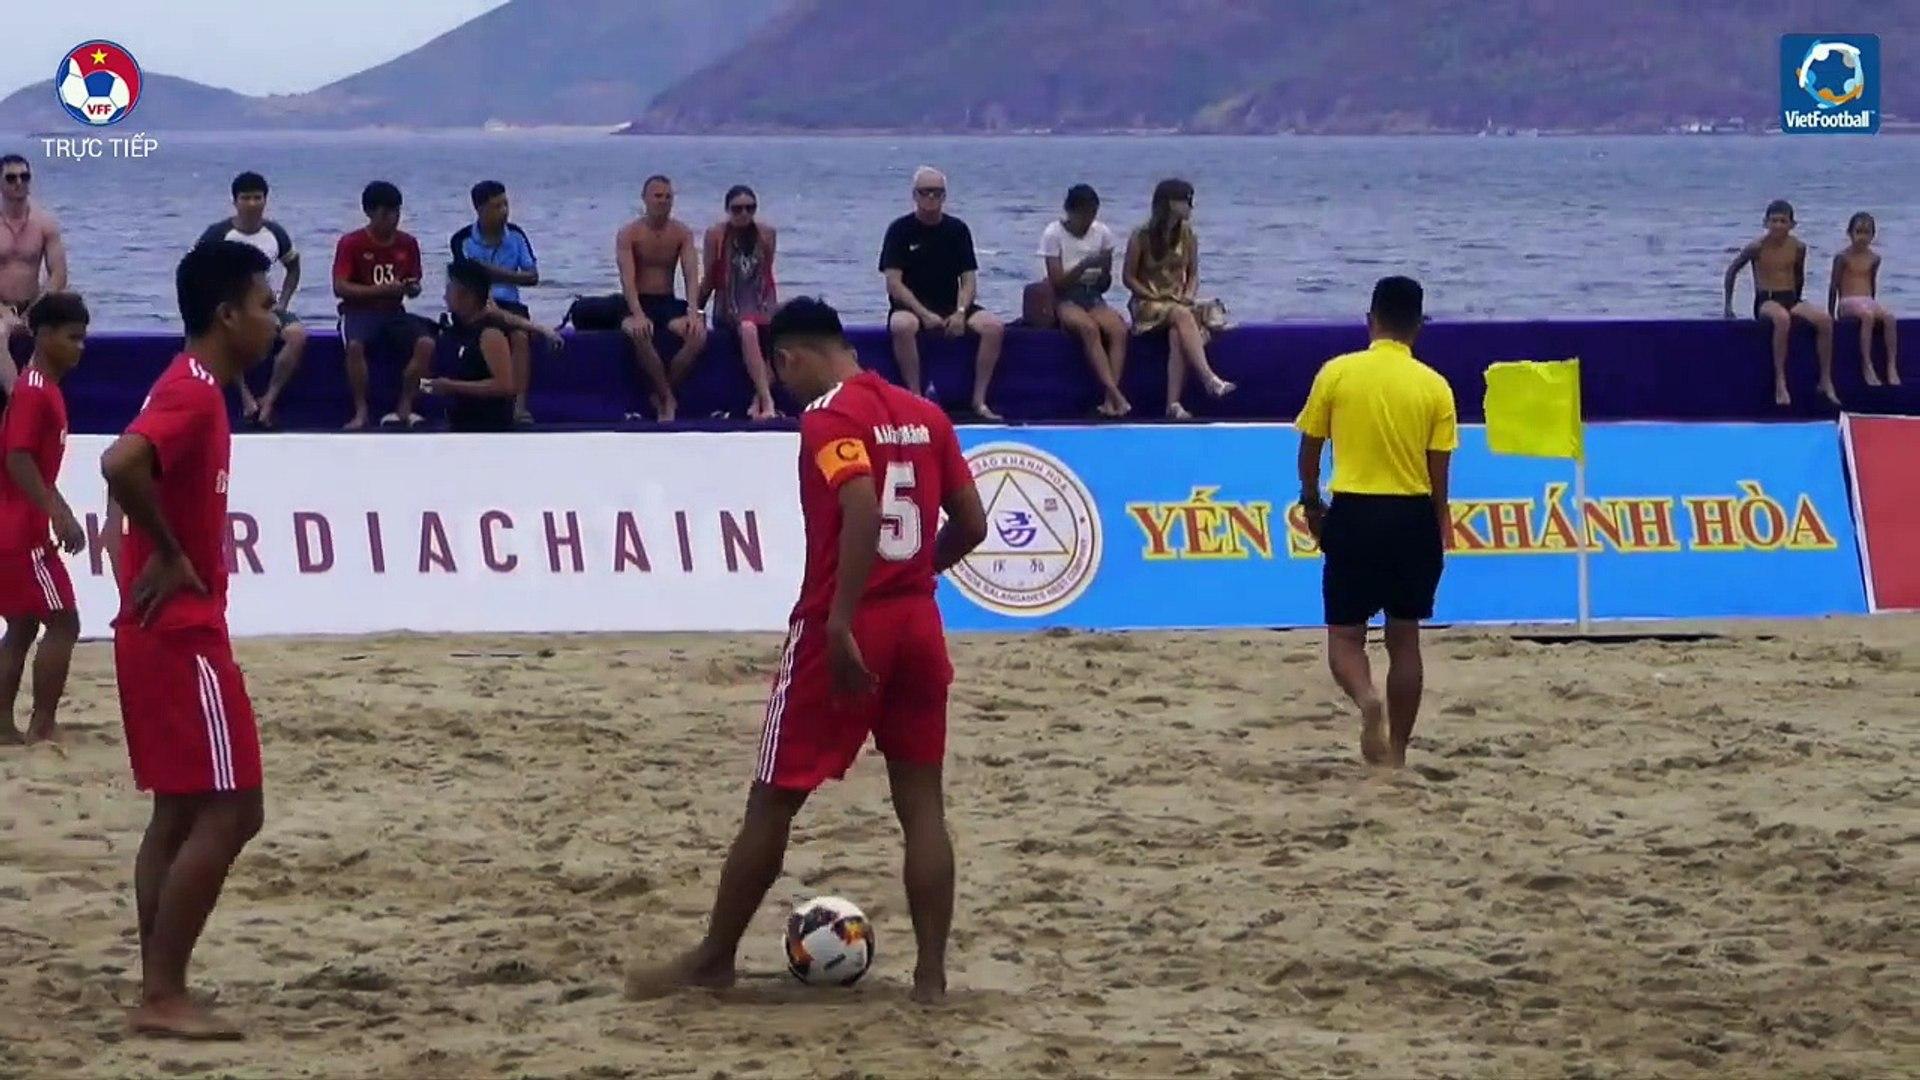 TRỰC TIẾP | Olympic Gym & Fitness - Đà Nẵng | Giải bóng đá Bãi biển Vô địch Quốc gia | VFF Chann